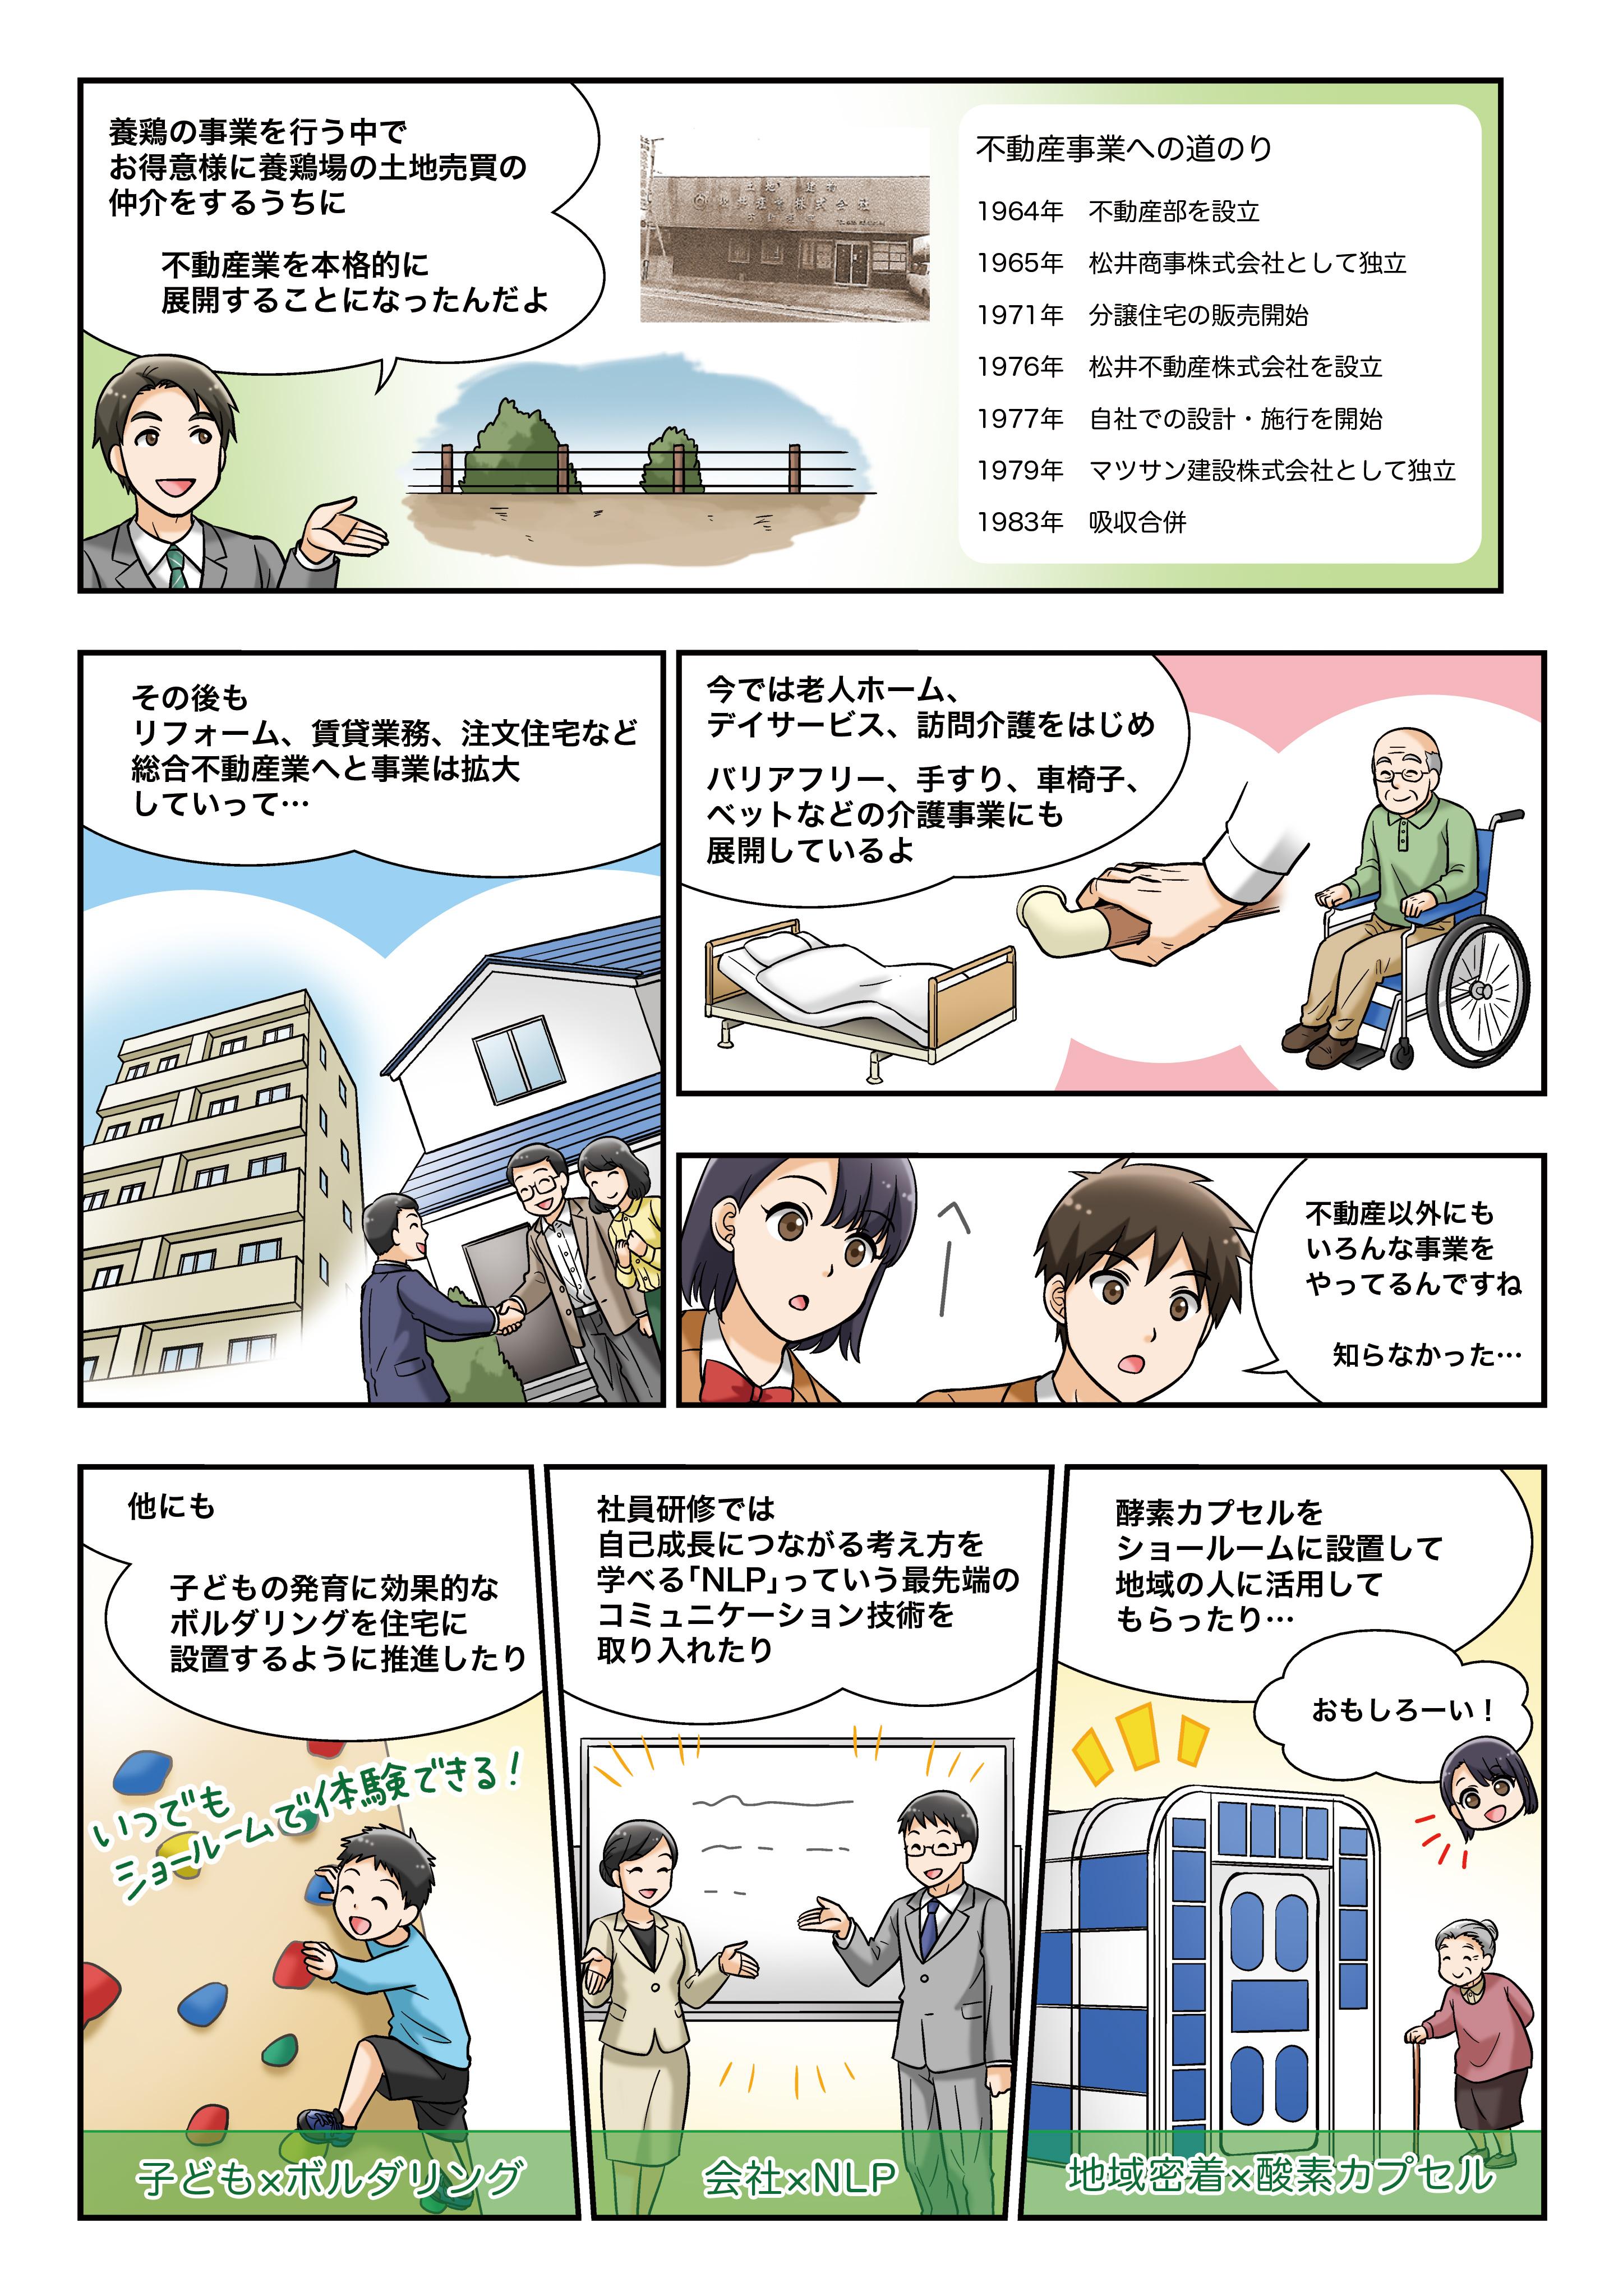 会社案内パンフレット掲載漫画[画像4]